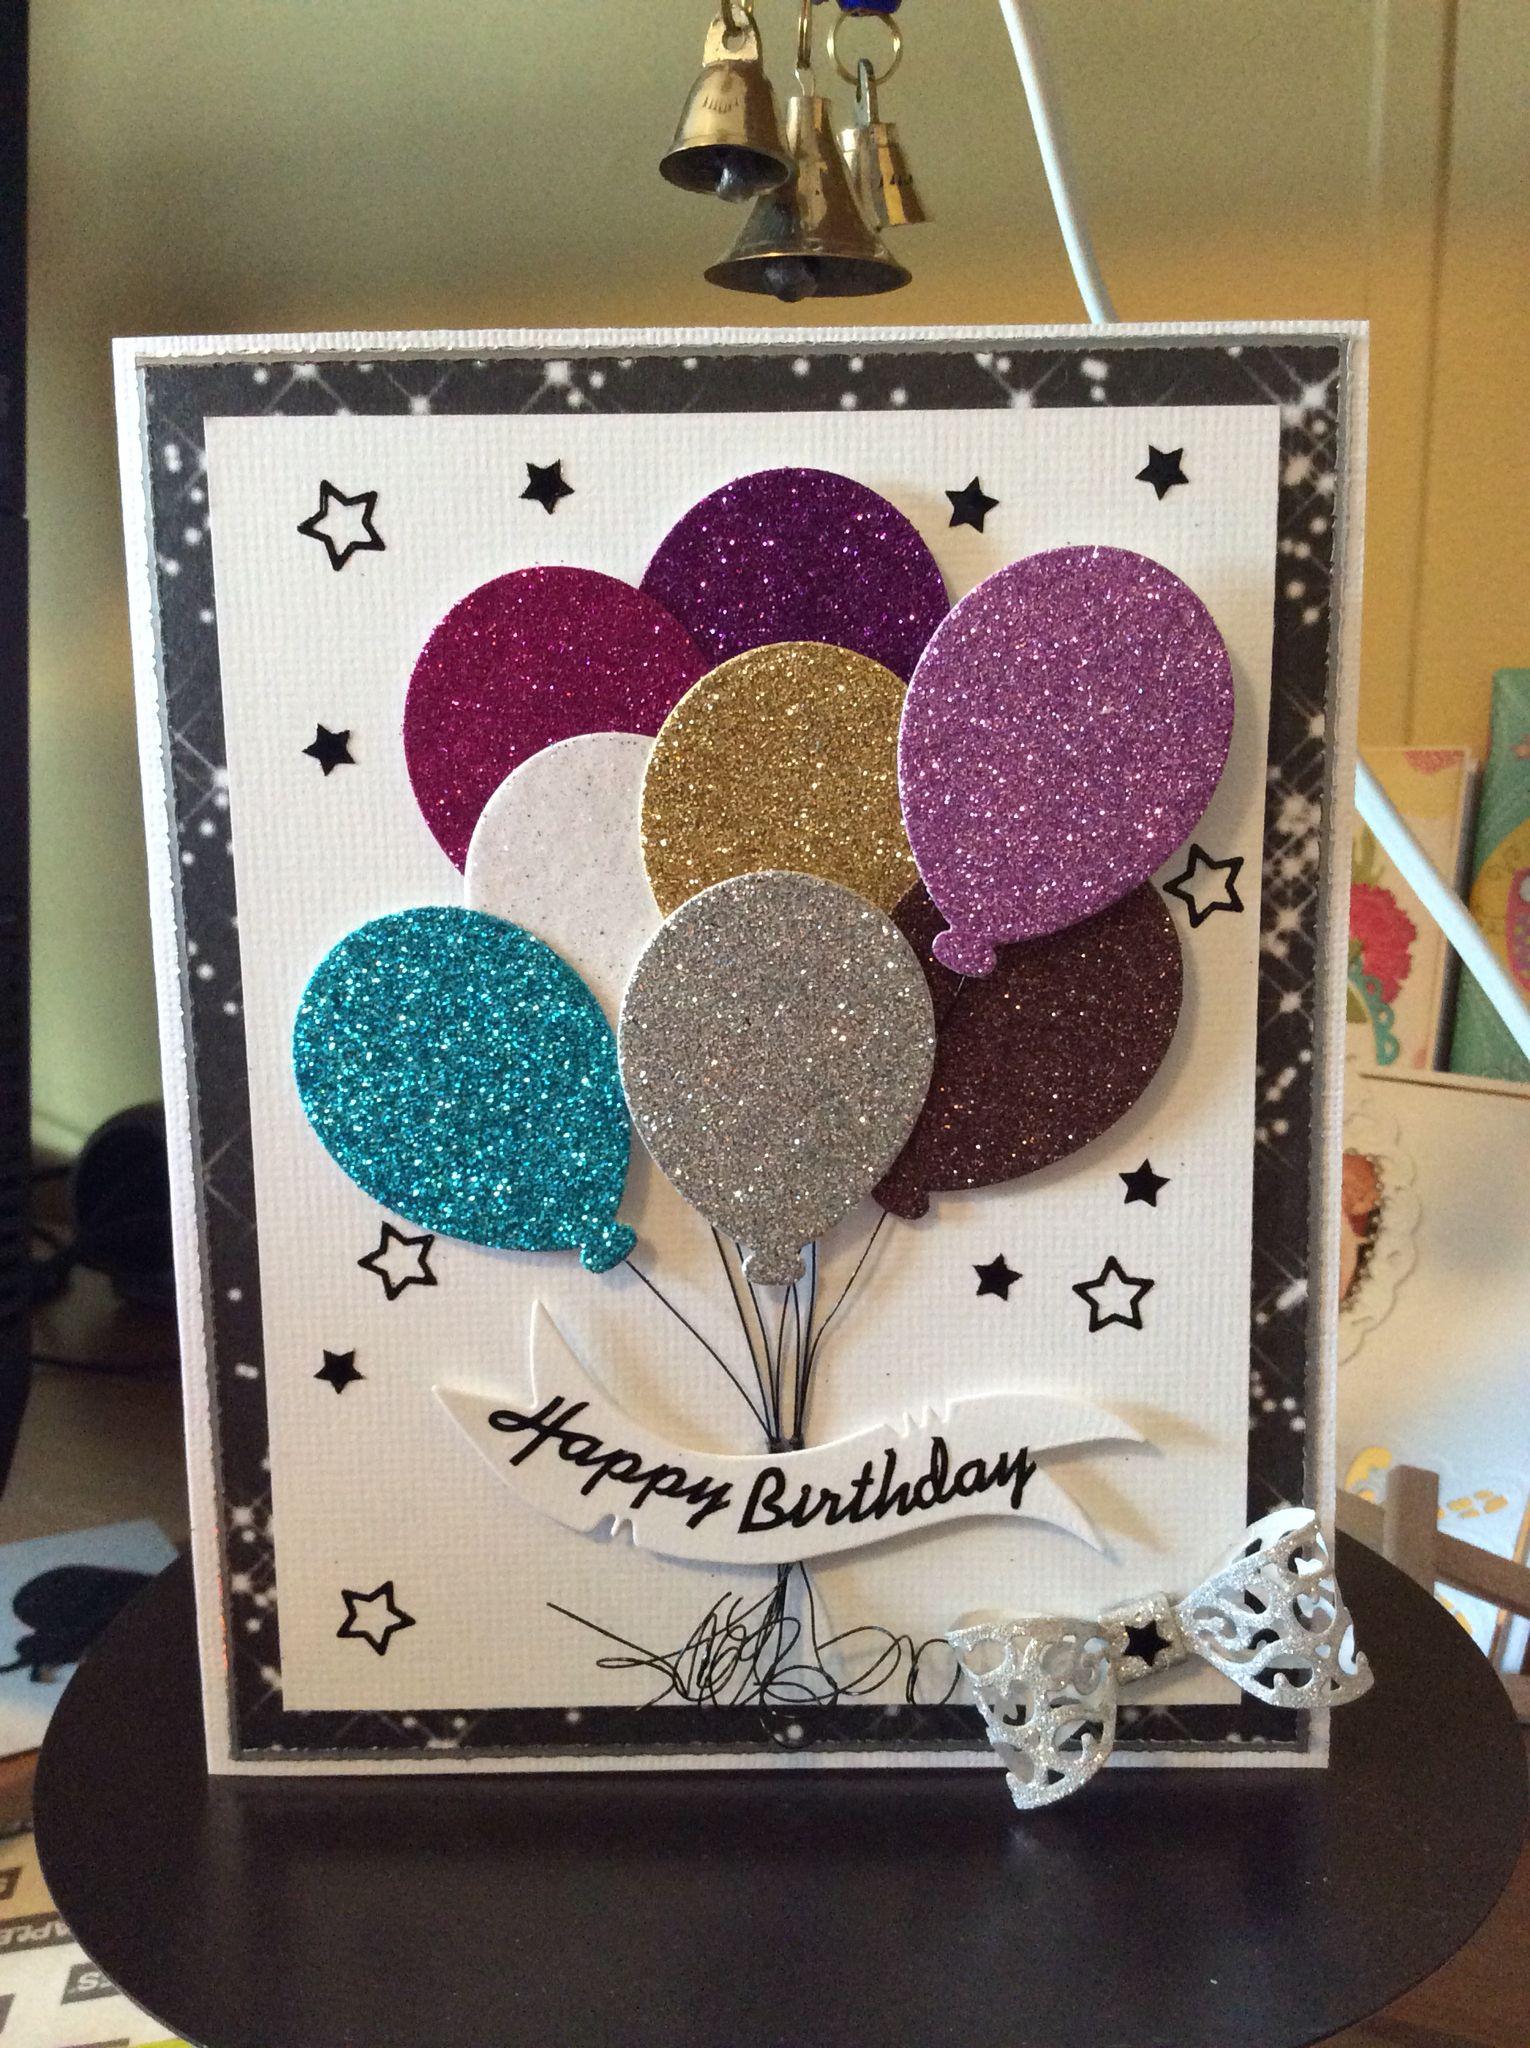 как украсить открытку для дня рождения стали больше